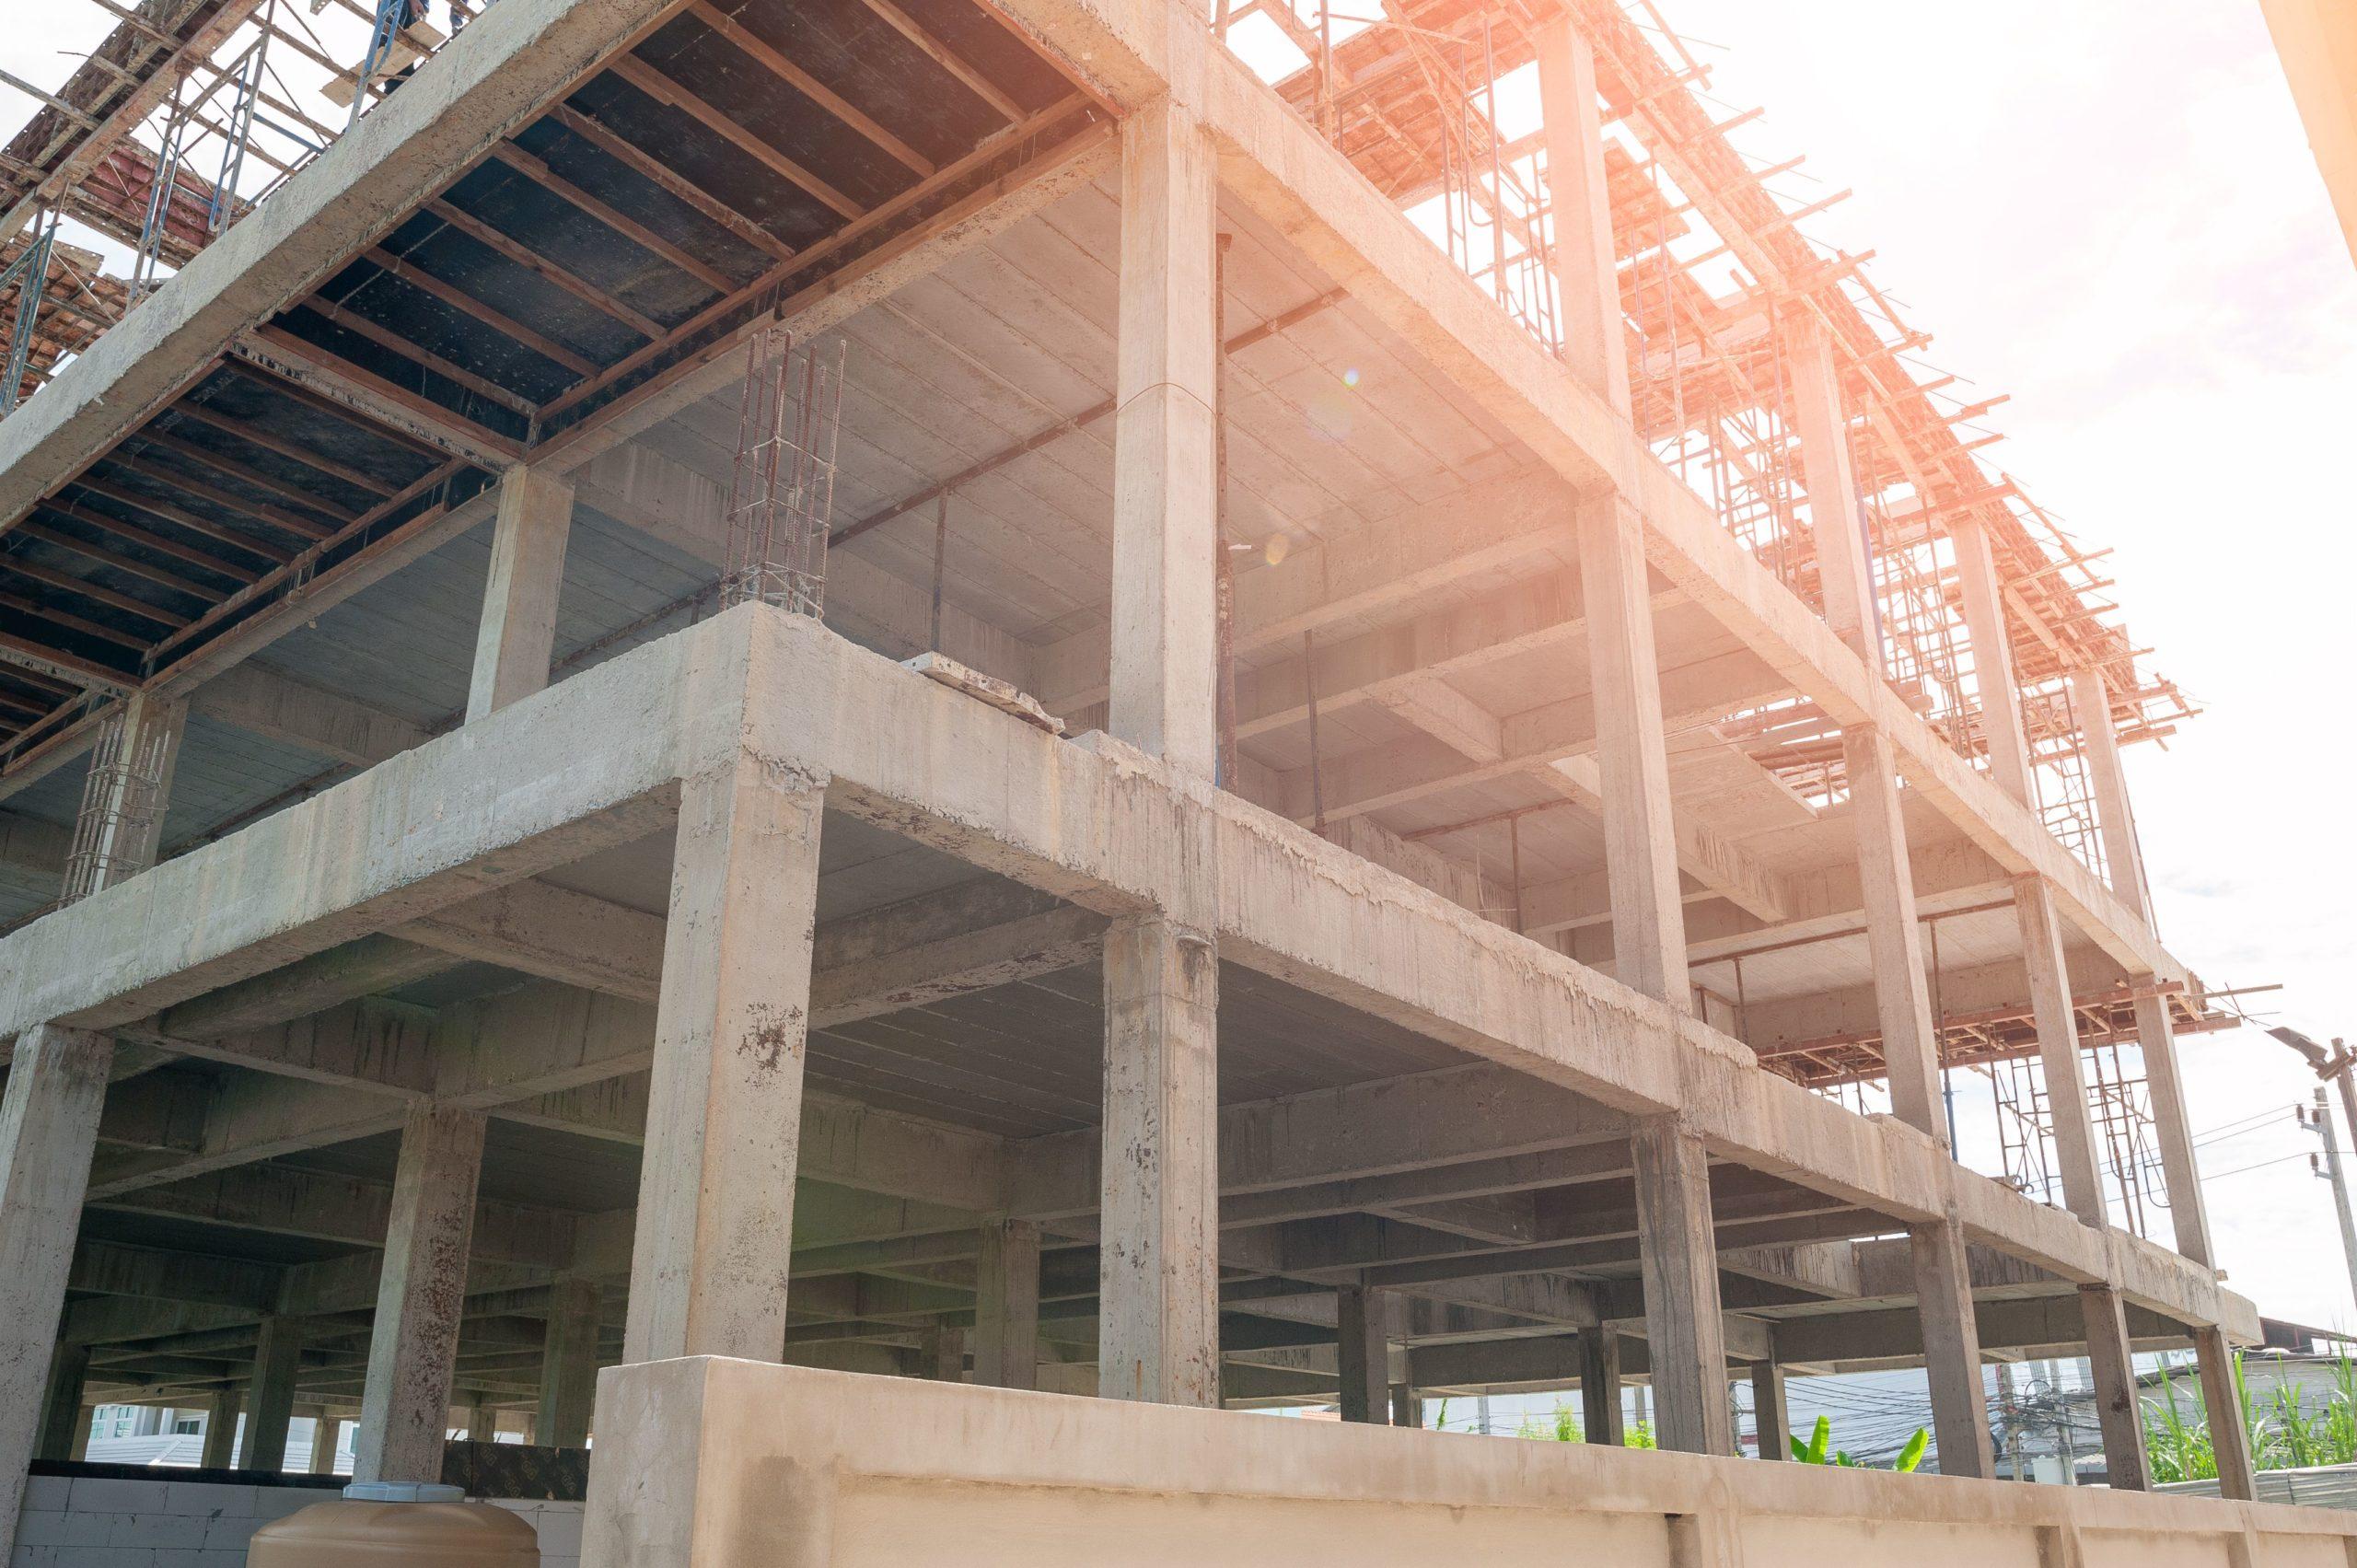 Nieman ondersteunt Gemeenten en bij complexe vraagstukken rondom bouwregelgeving